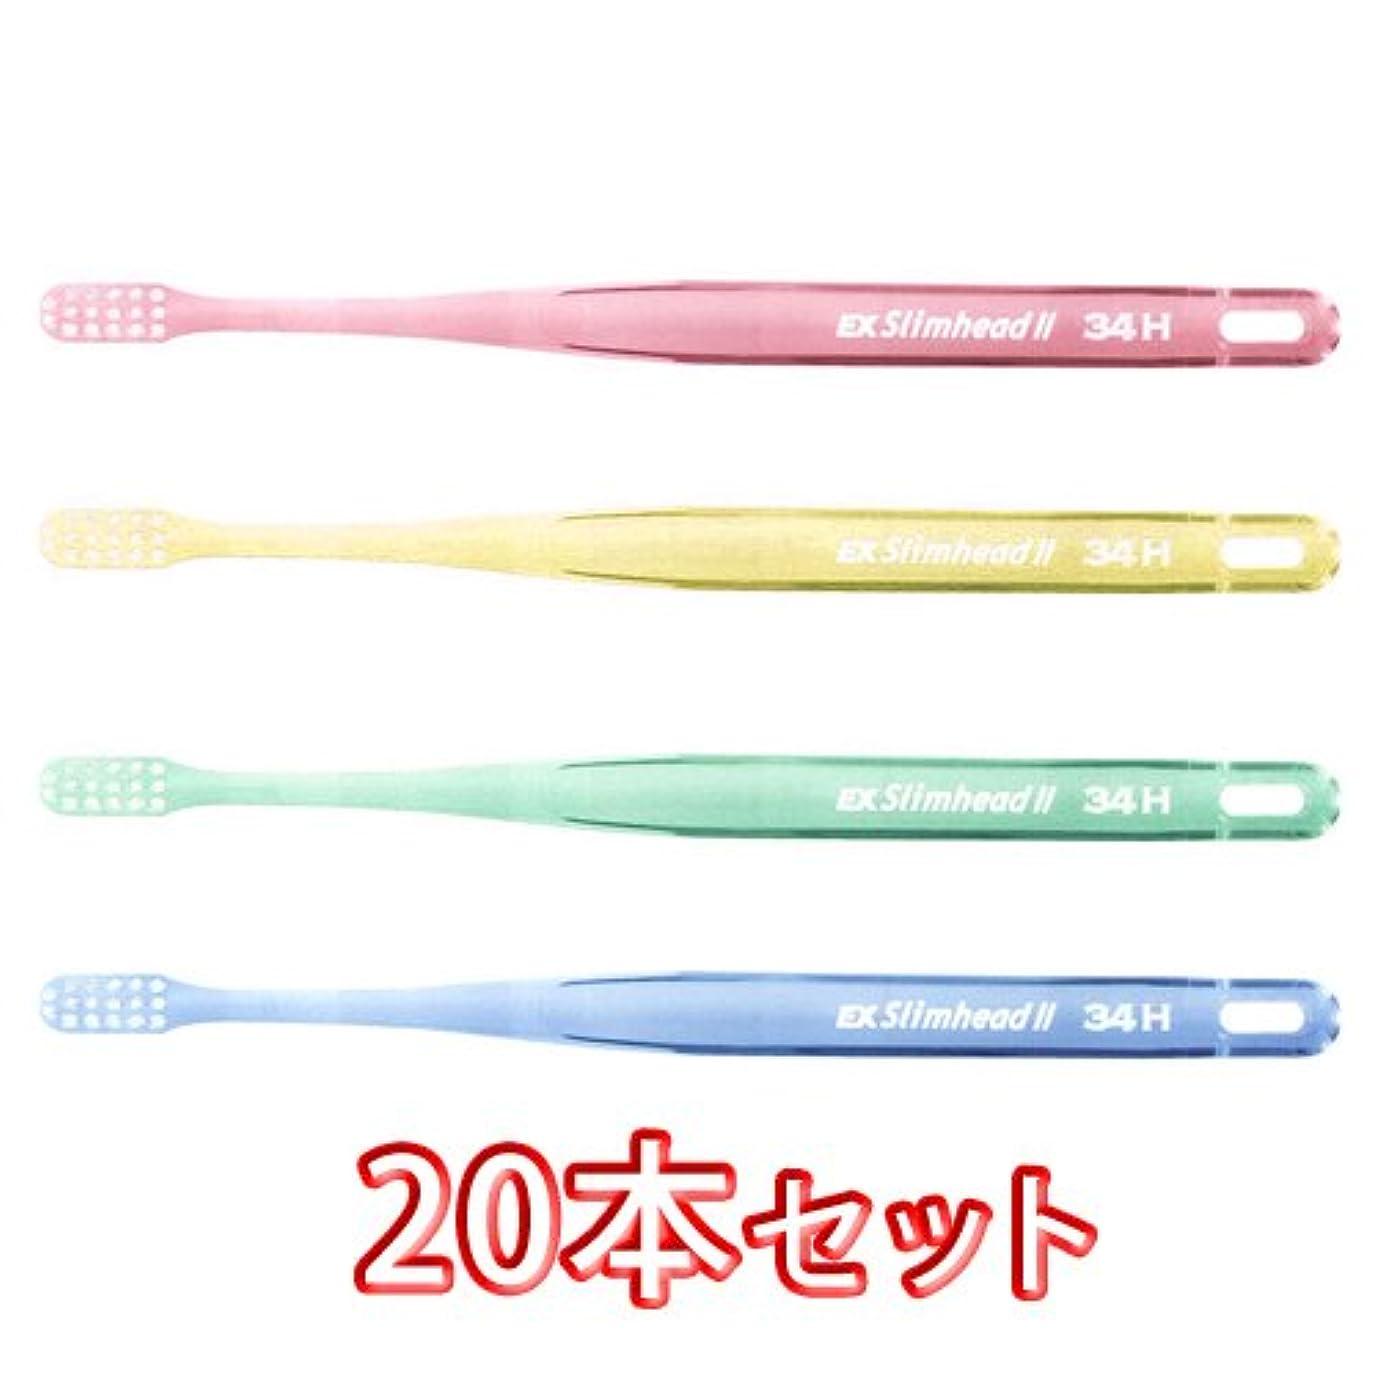 調整レタス安価なライオン スリムヘッド2 歯ブラシ DENT . EX Slimhead2 20本入 (34H)